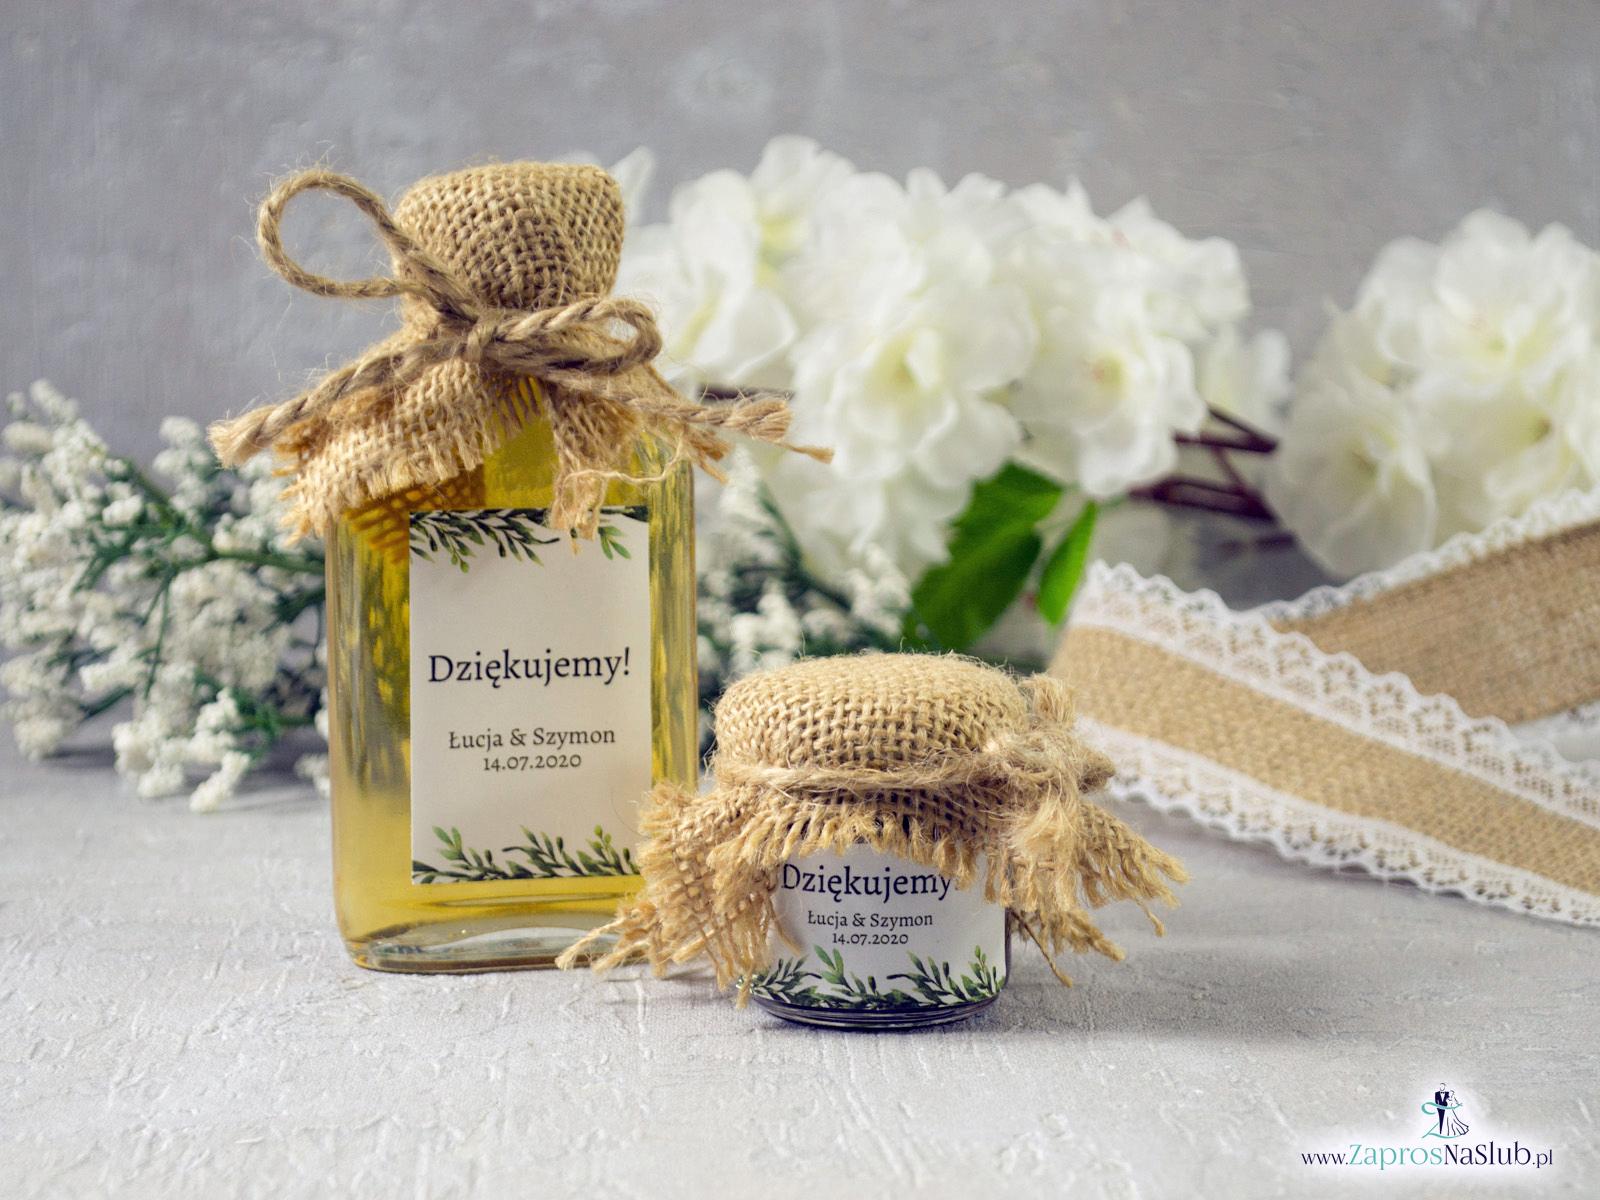 SŁOICZEK NA MIÓD LUB DŻEM Z ETYKIETĄ W STYLU RUSTYKALNYM Z TAŚMĄ JUTOWĄ ORAZ SZNURKIEM EKO - Zaproszenia ślubne ZaprosNaSlub